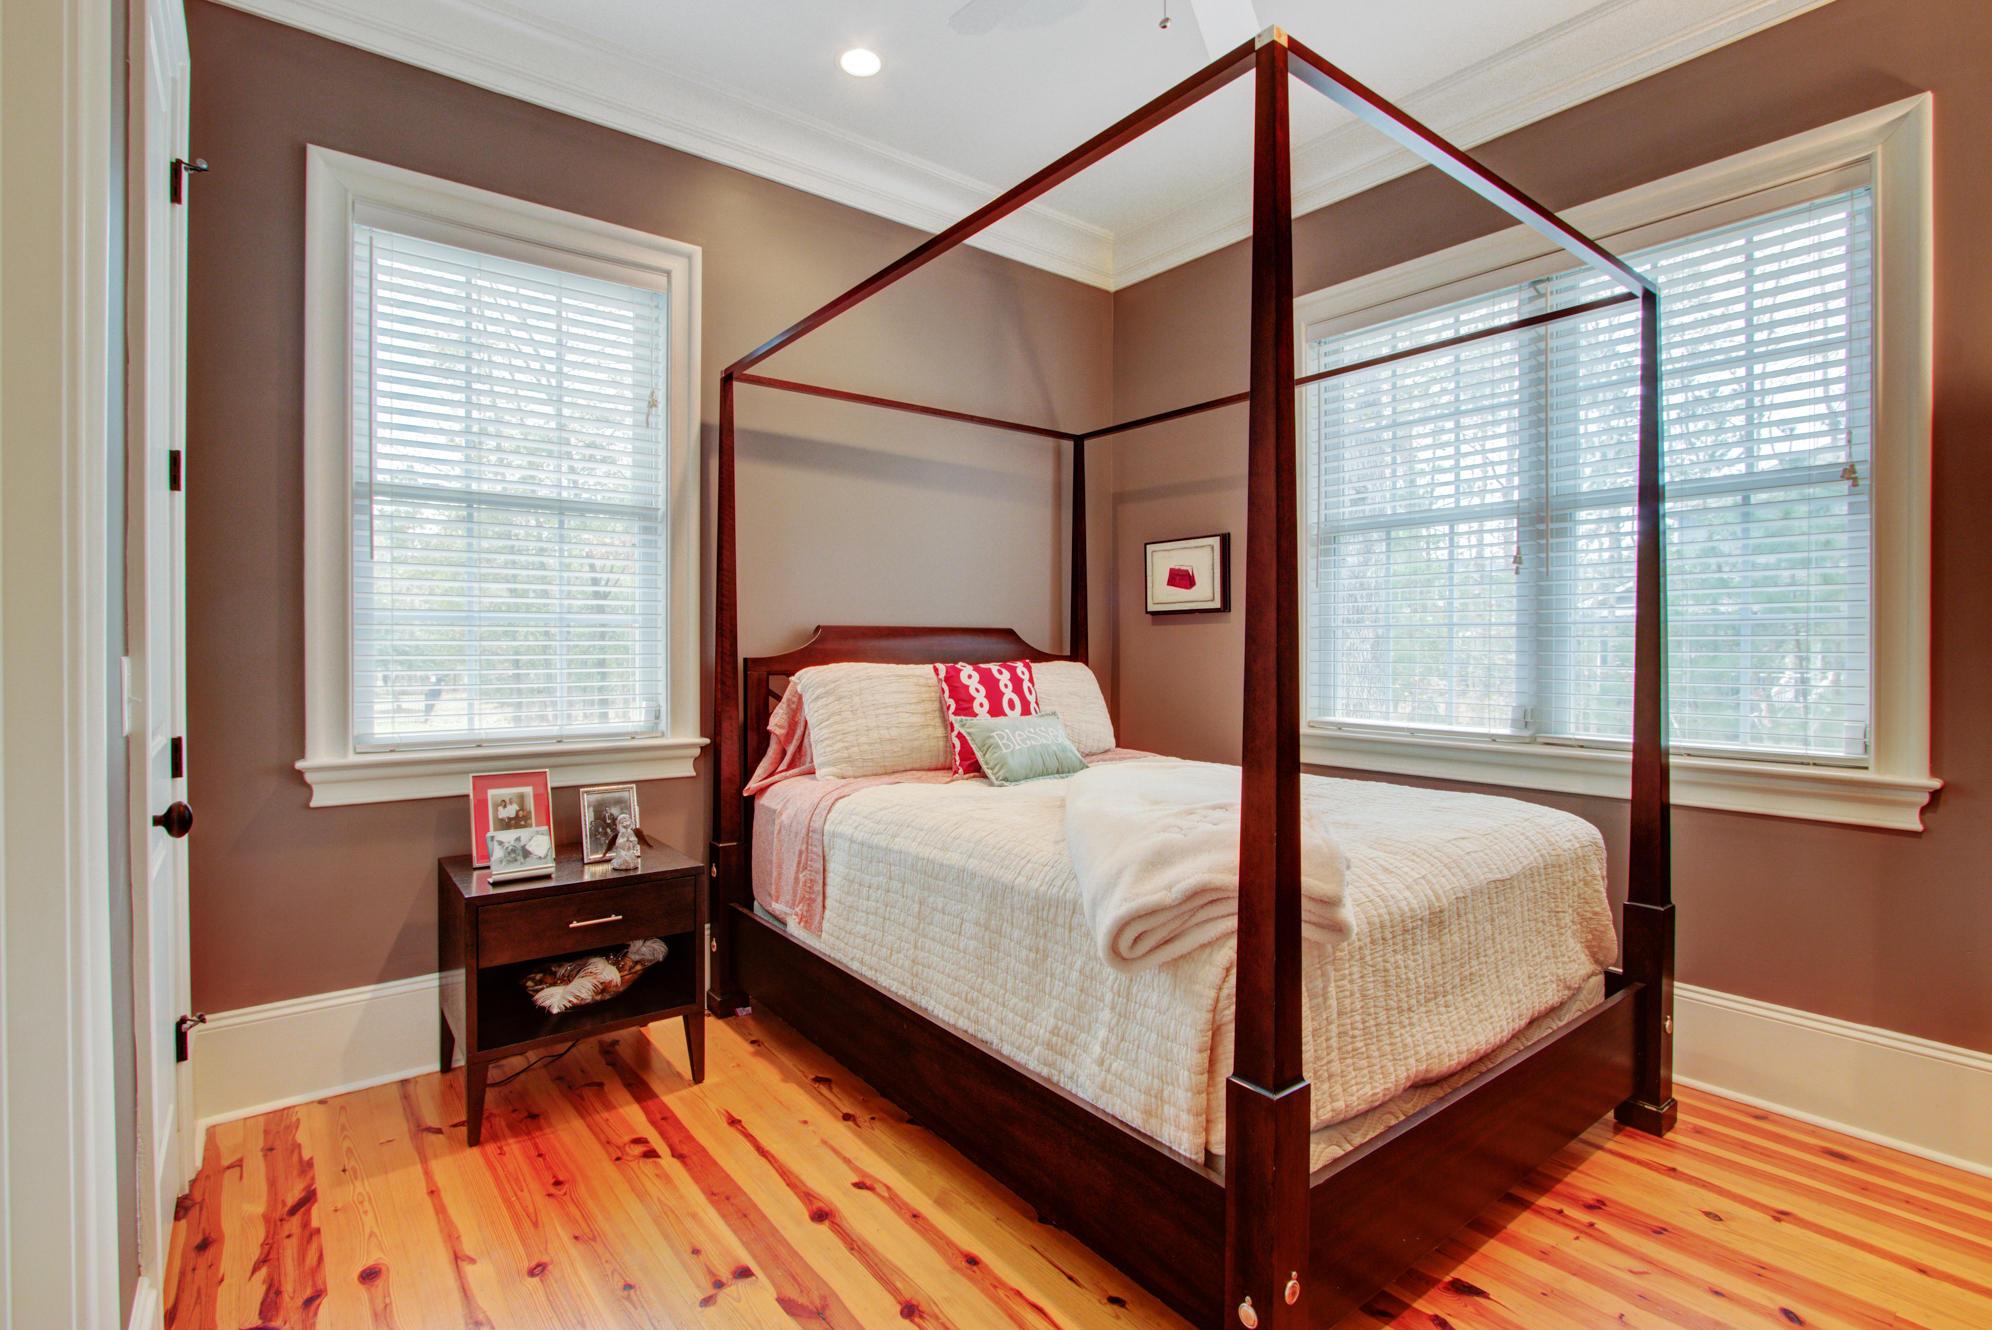 Park West Homes For Sale - 1527 Capel, Mount Pleasant, SC - 35